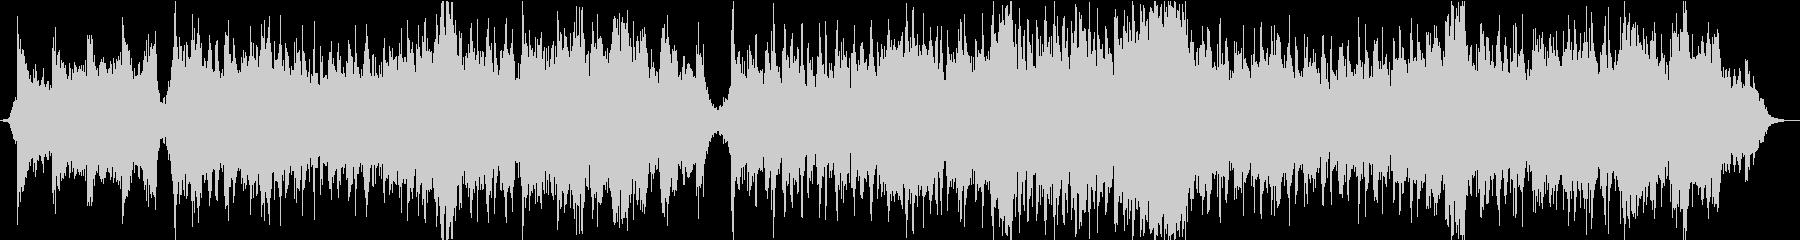 RPGのボスバトル曲(オーケストラ)の未再生の波形